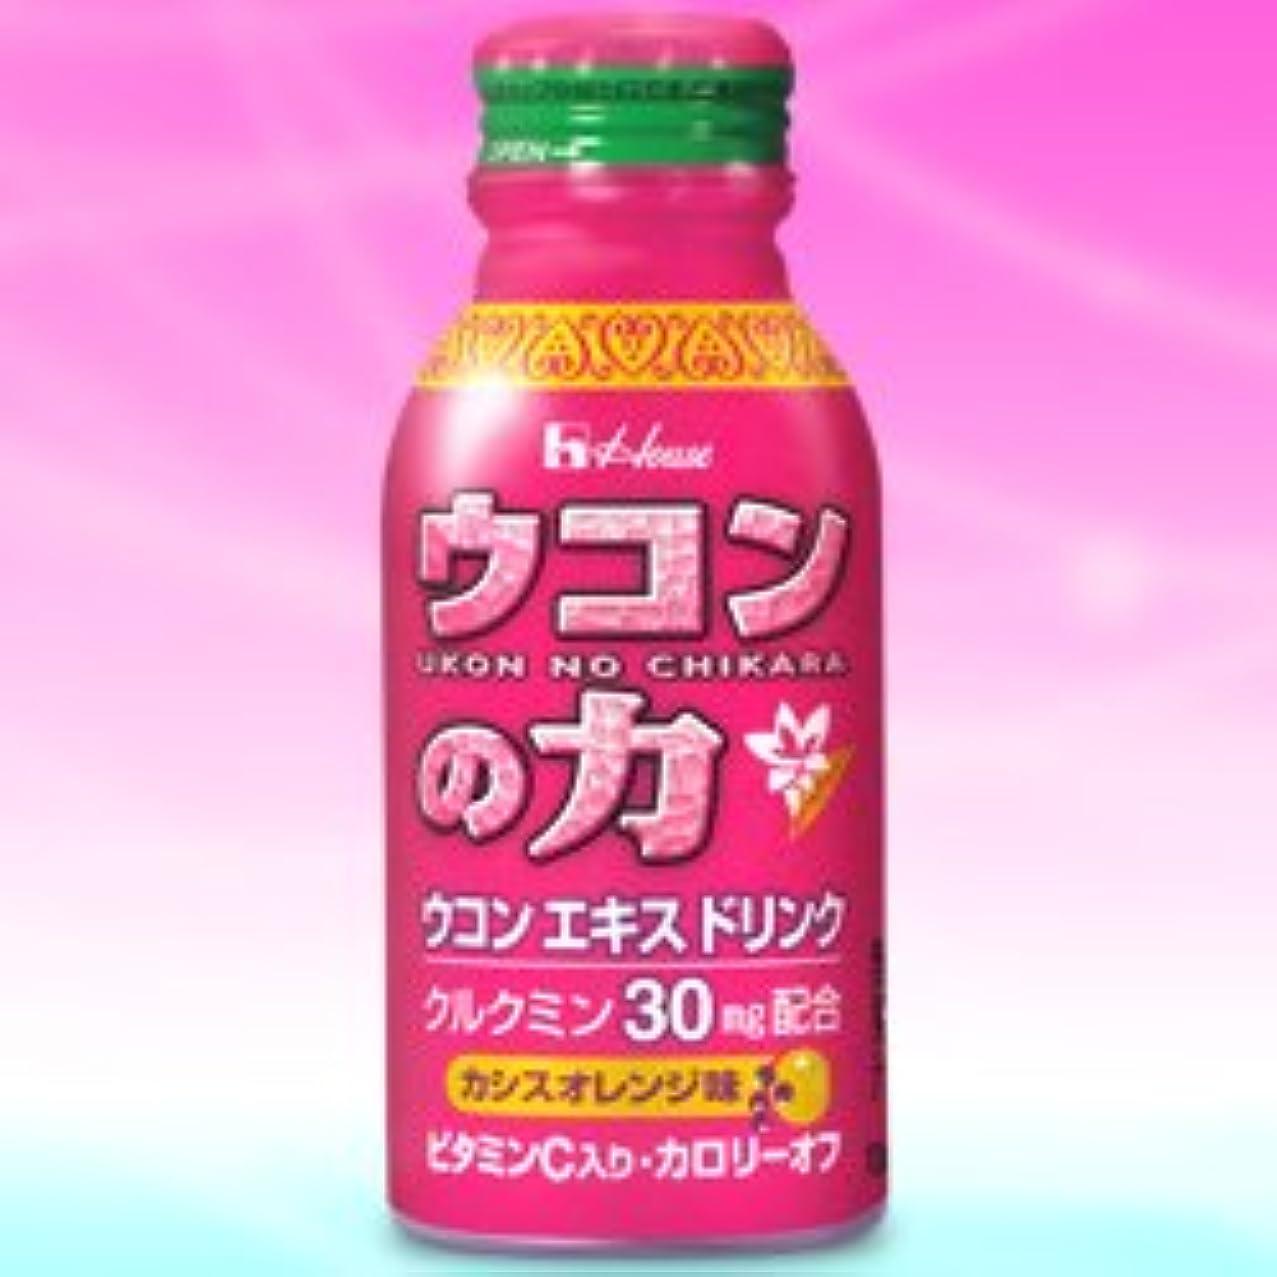 タイル外向きレプリカ【ハウス食品】ウコンの力 カシスオレンジ味 100ml ×20個セット